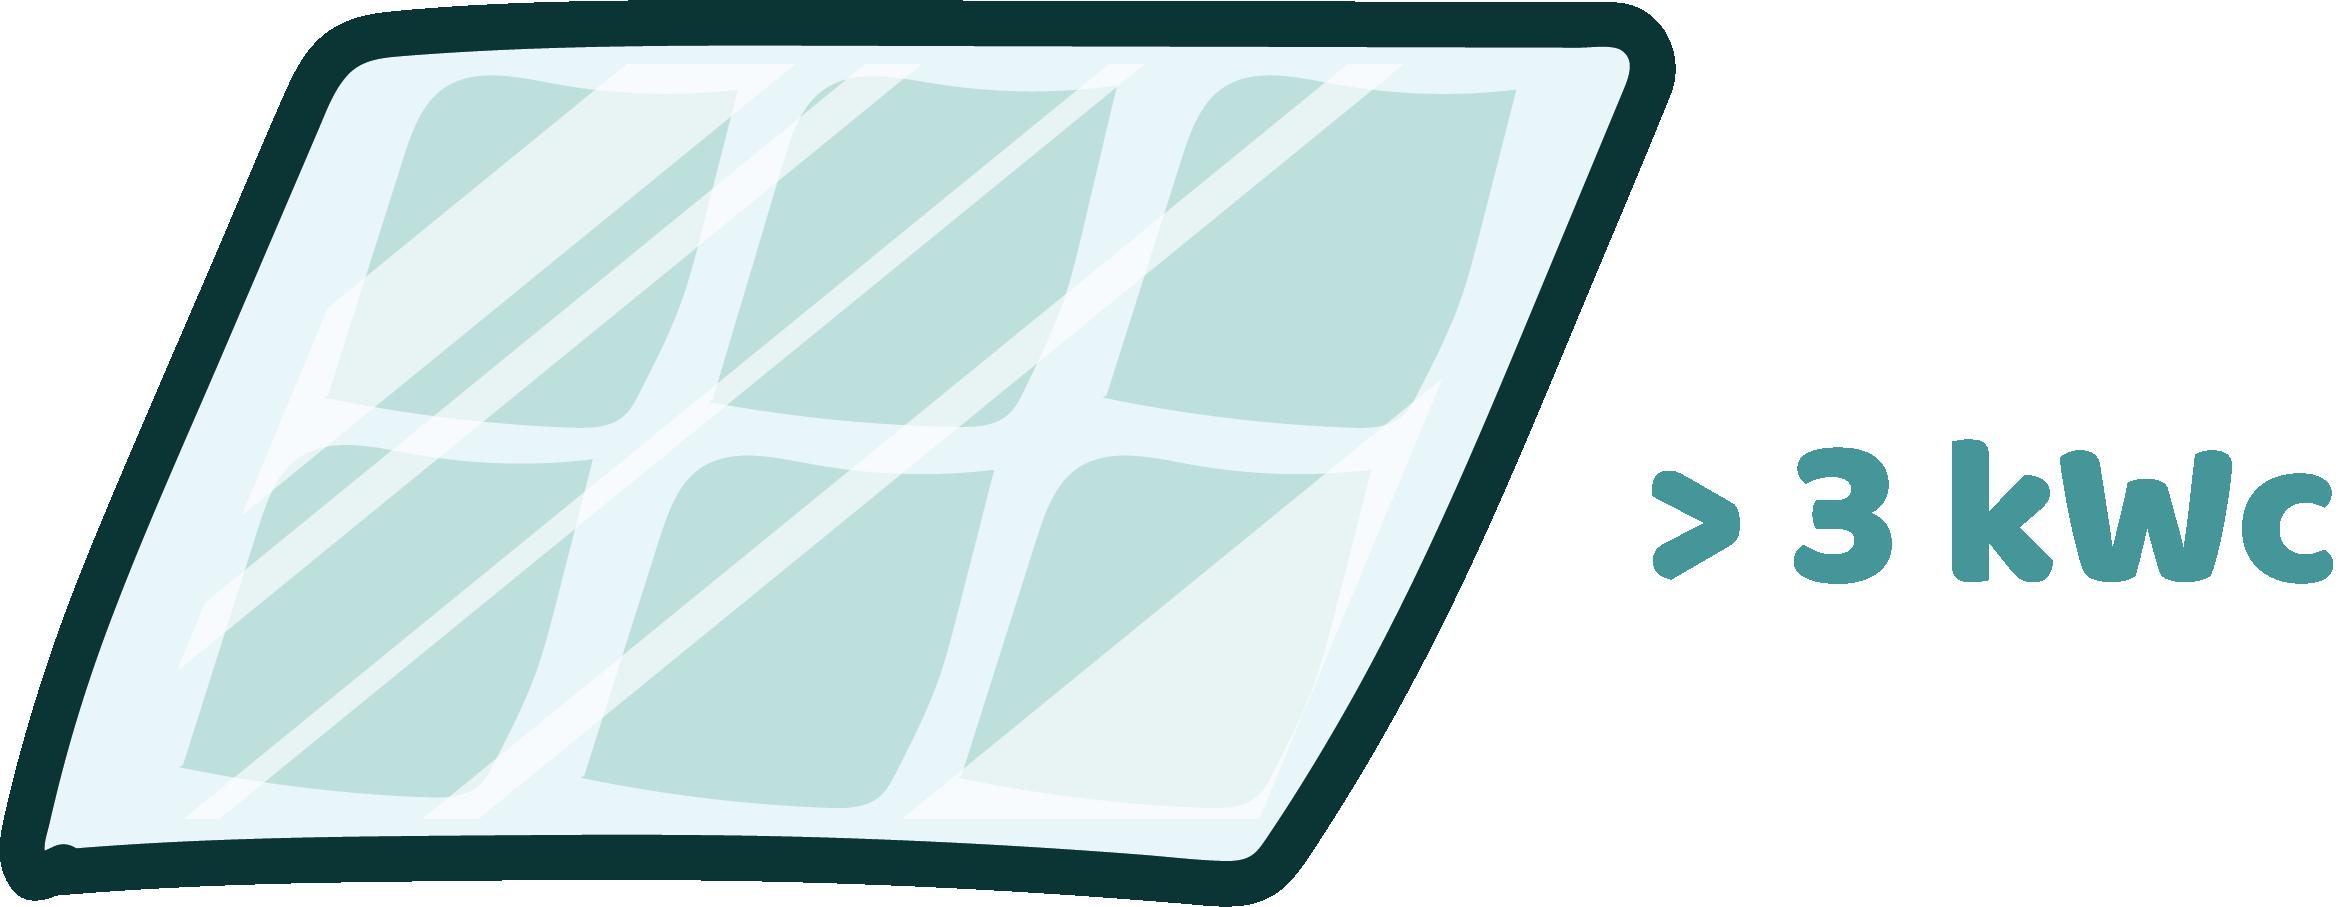 Comment déclarer les revenus de vos panneaux solaires aux impôts ? 2